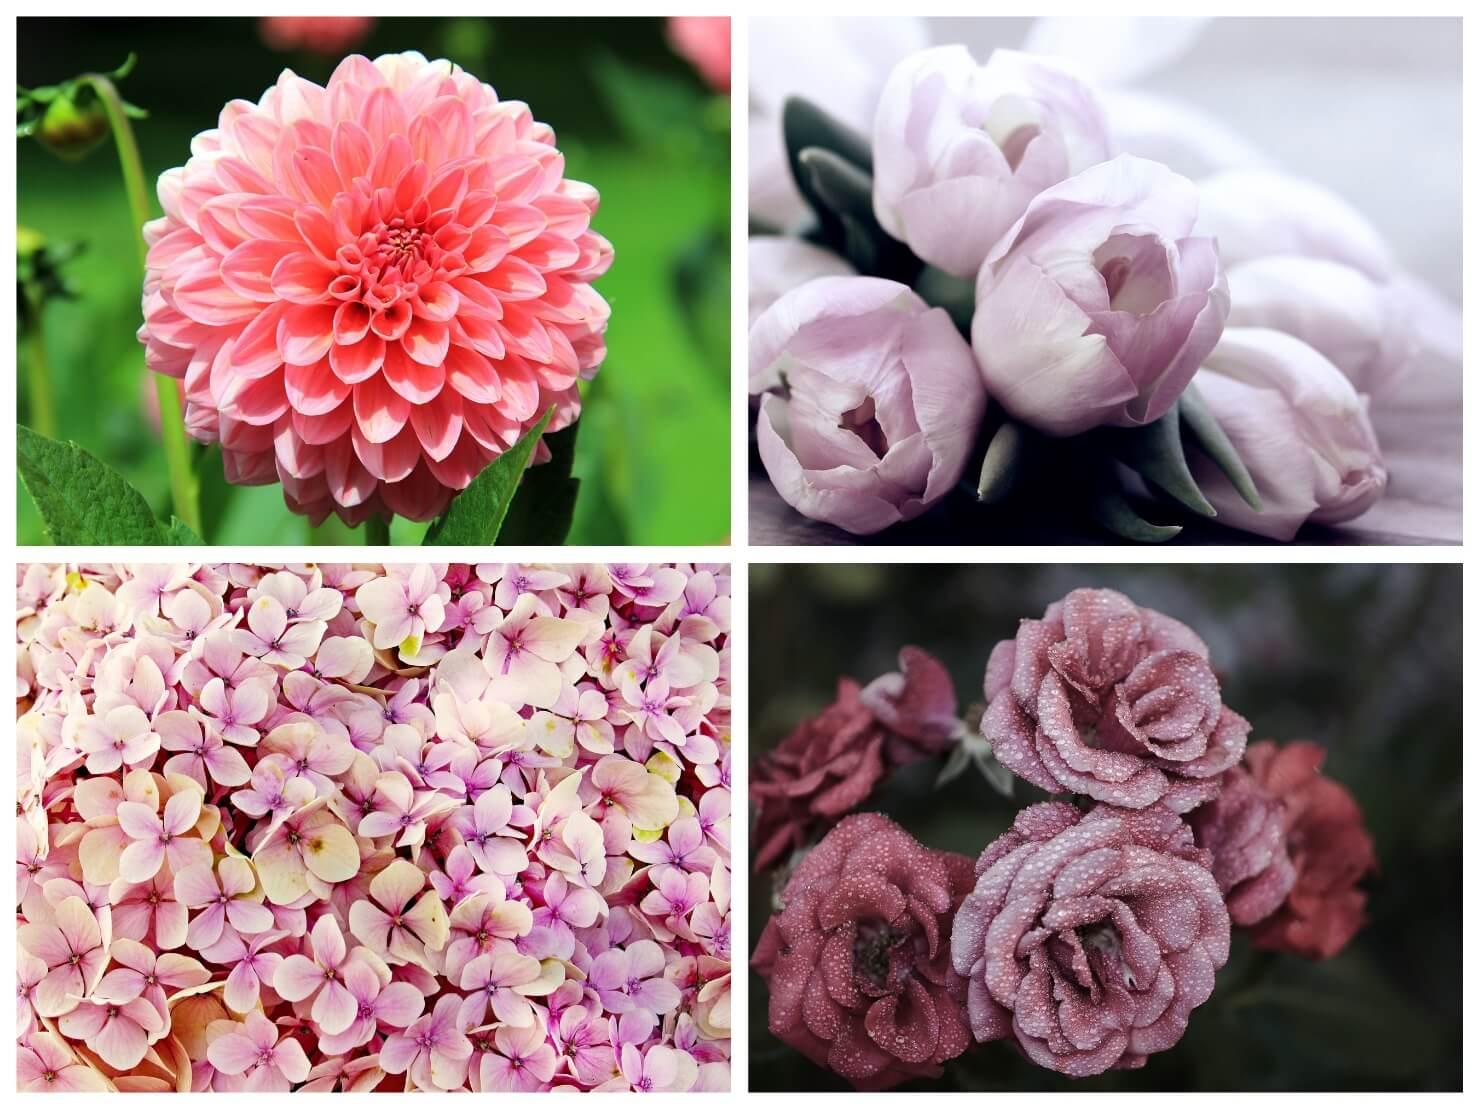 いろいろなピンクの花の写真